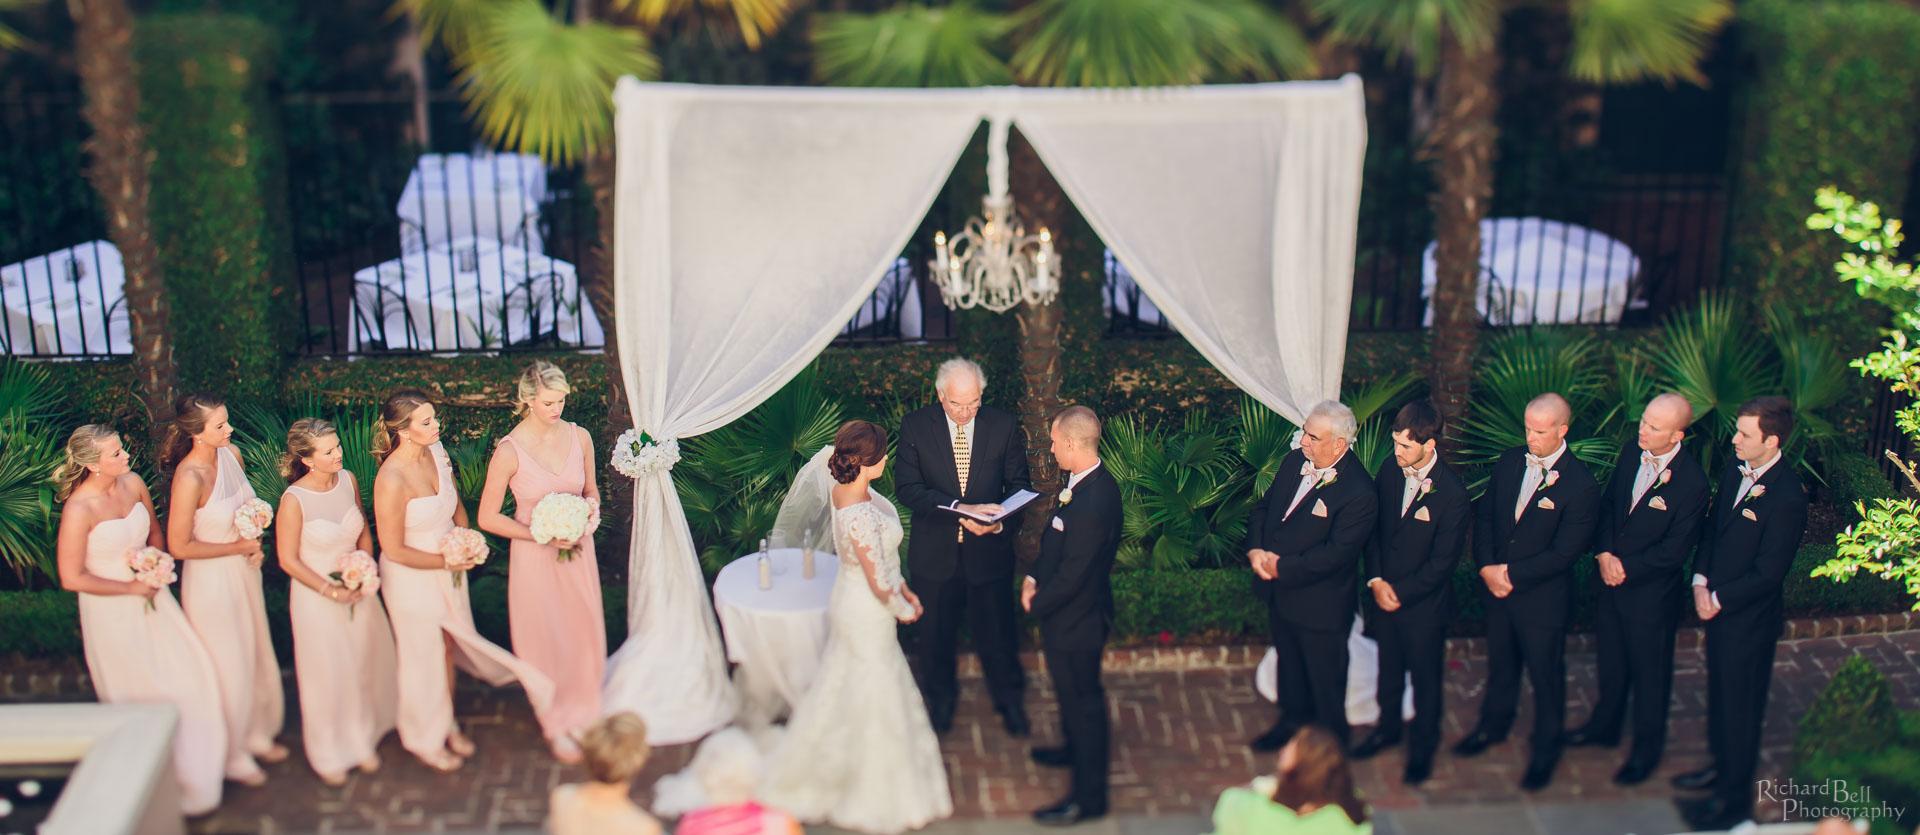 Nelson ceremony